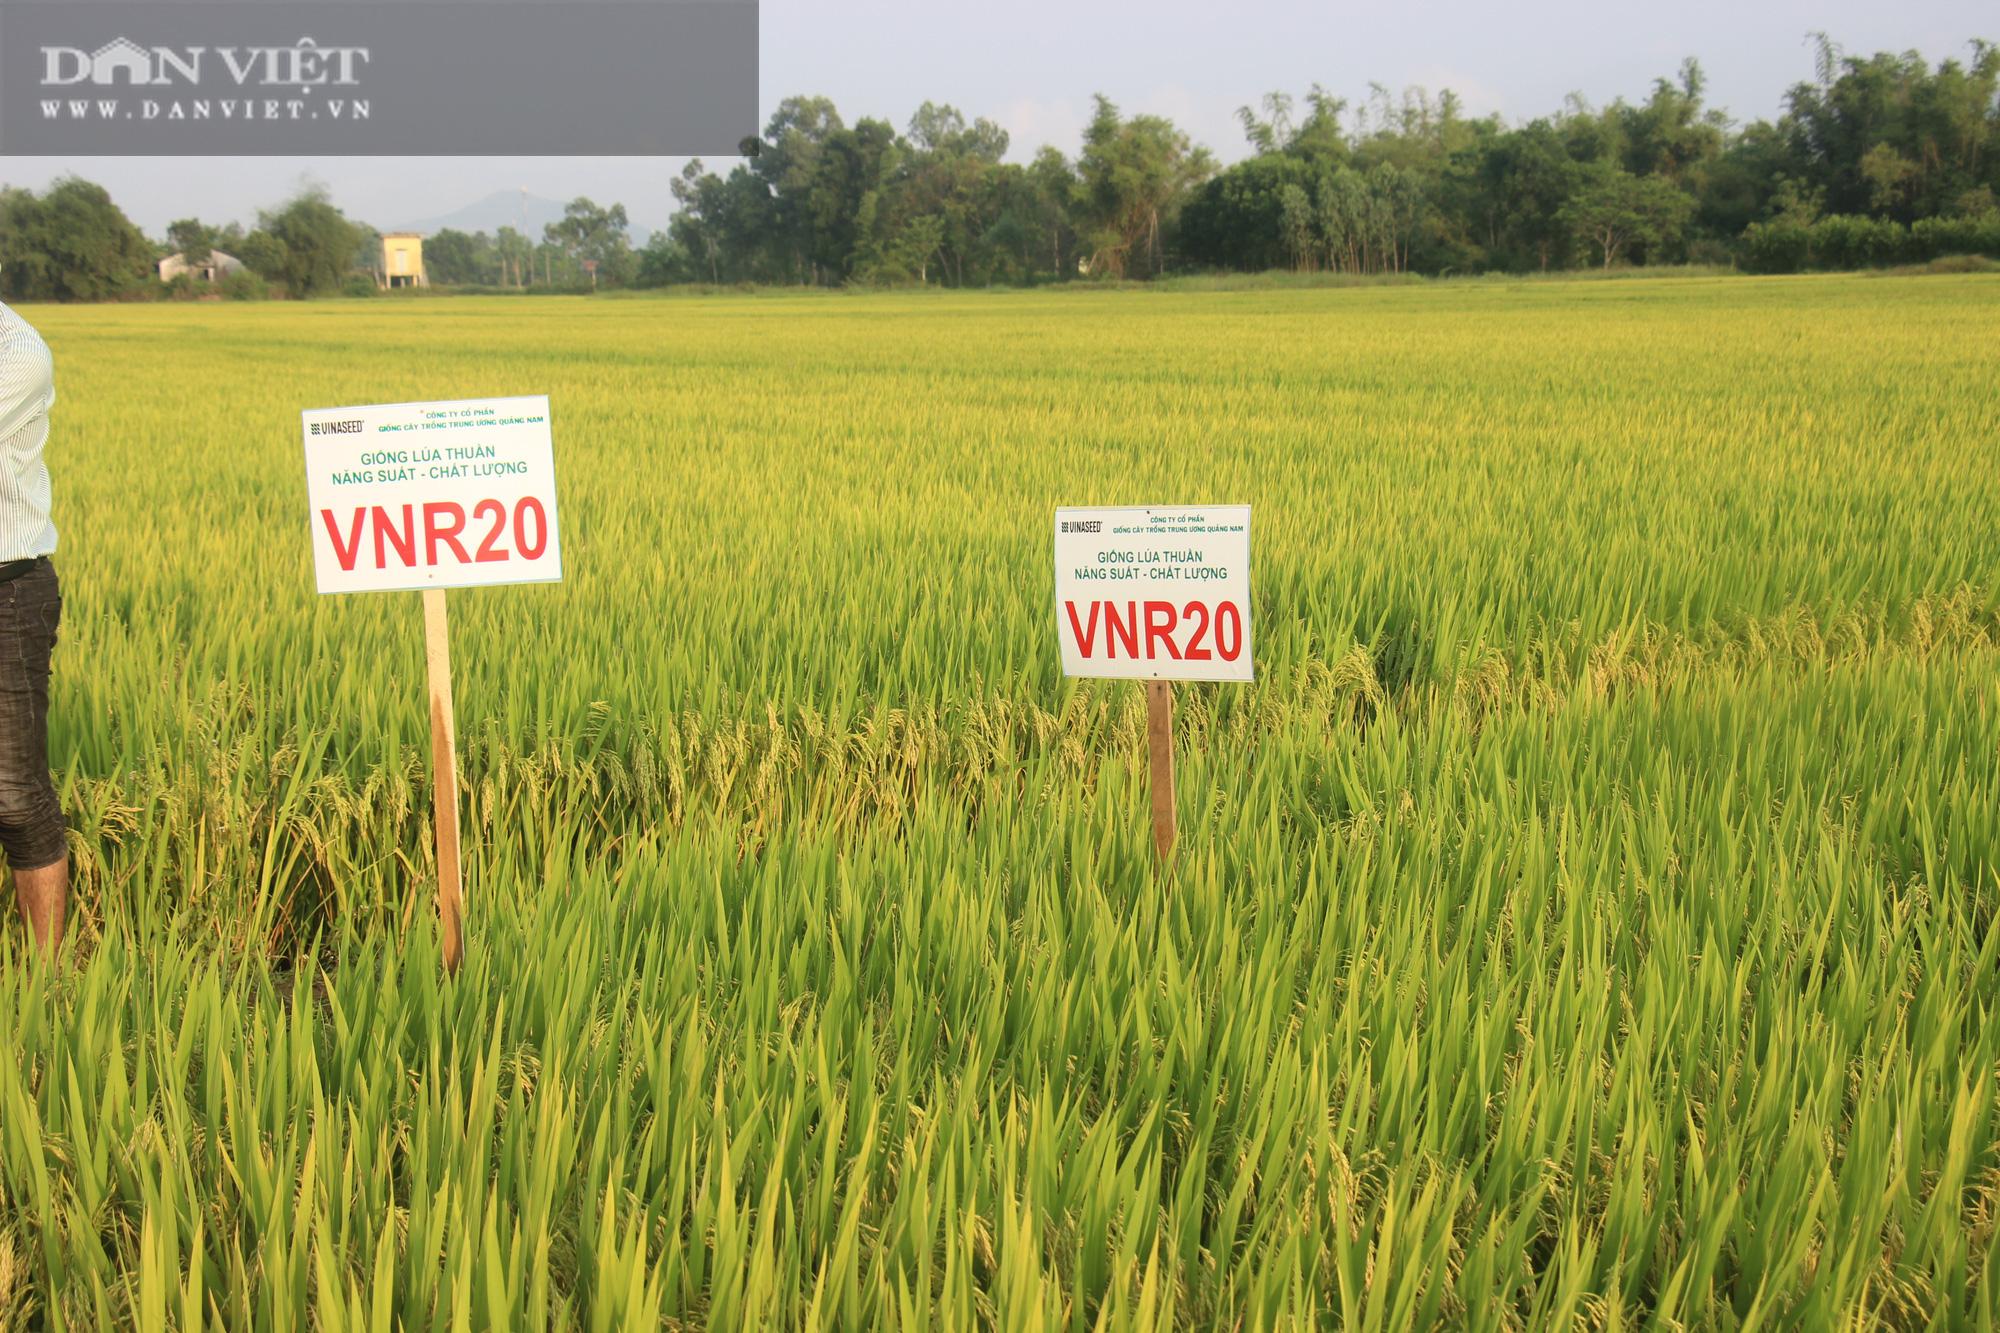 Bất ngờ trước hàng loạt giống lúa mới của VinaSeed trên vùng đất Bình Định - Ảnh 3.